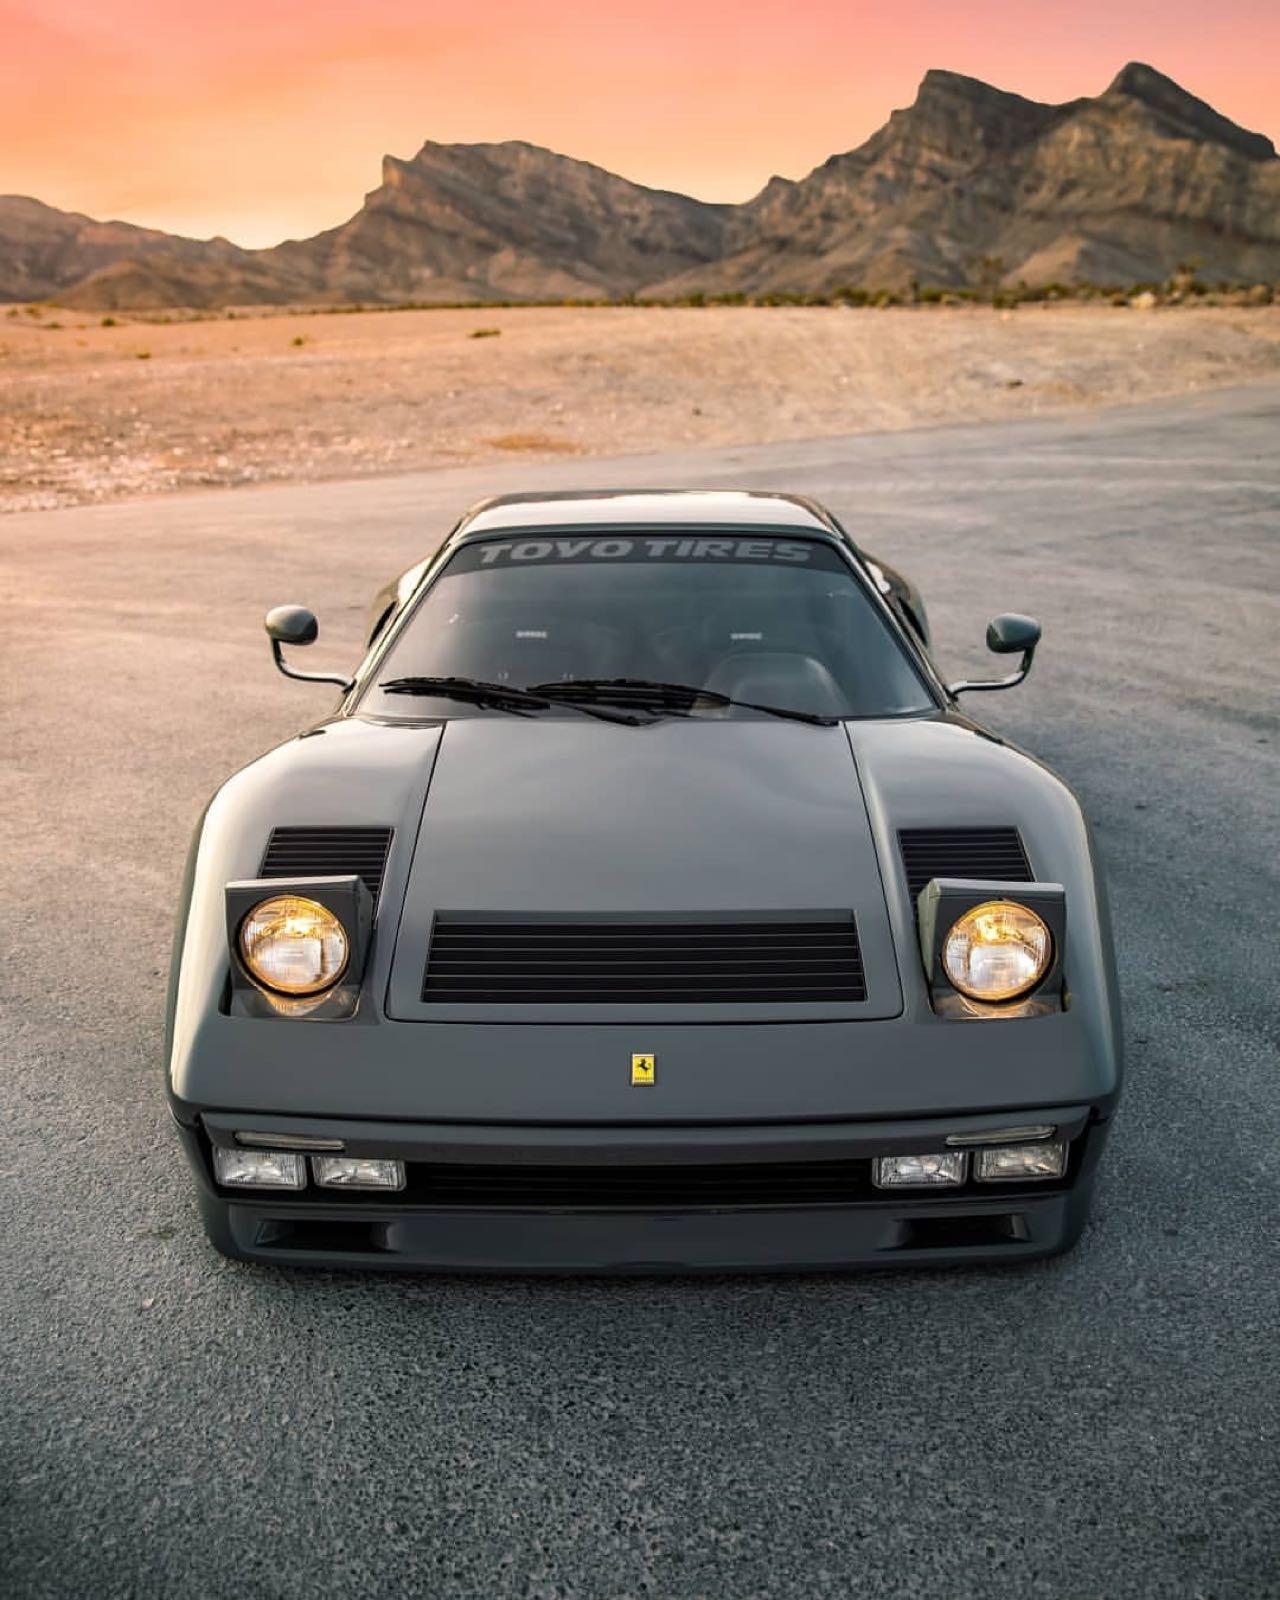 Ferrari 328 BB3X8 FDP par Casil Motors... Drôle de nom pour une tuerie ! 1